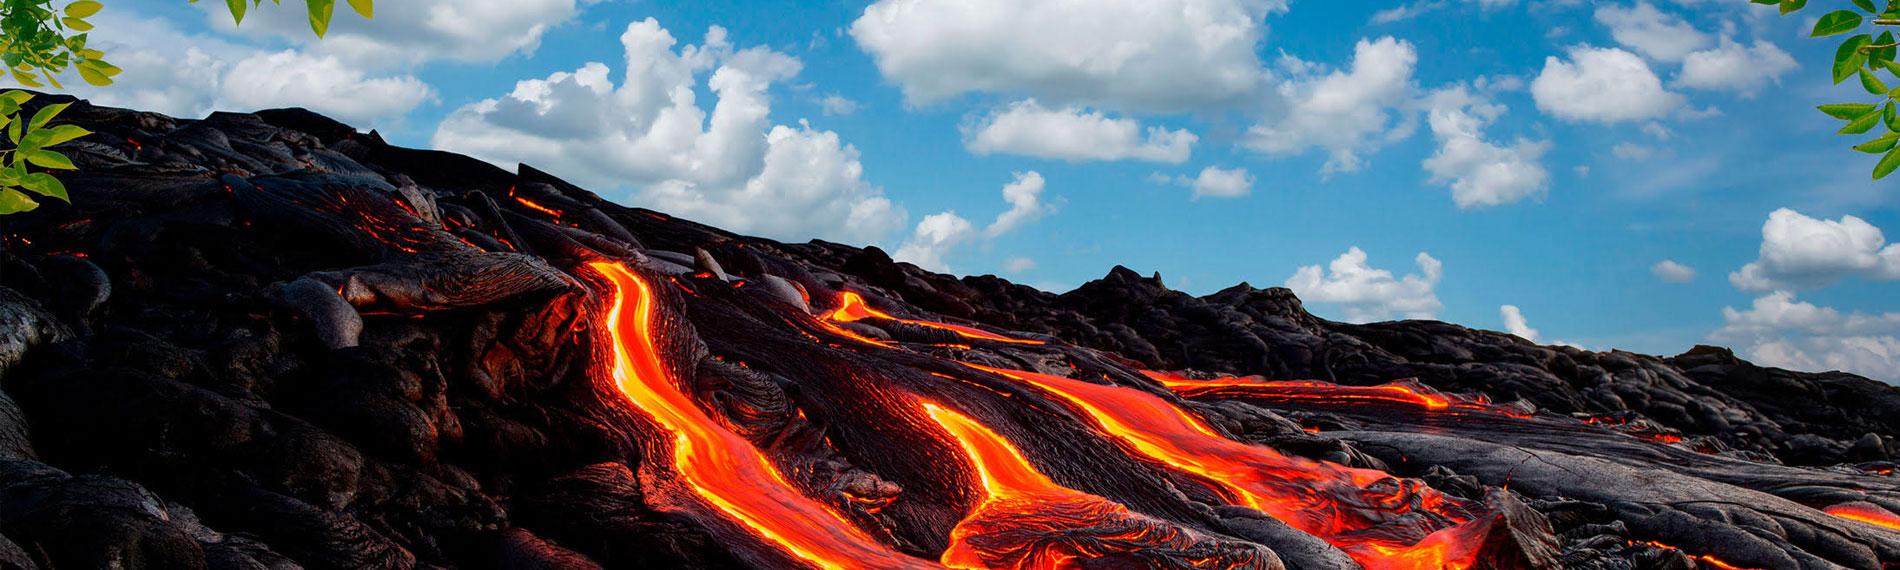 landschaft mit lava blauer himmel und blaetter am rand